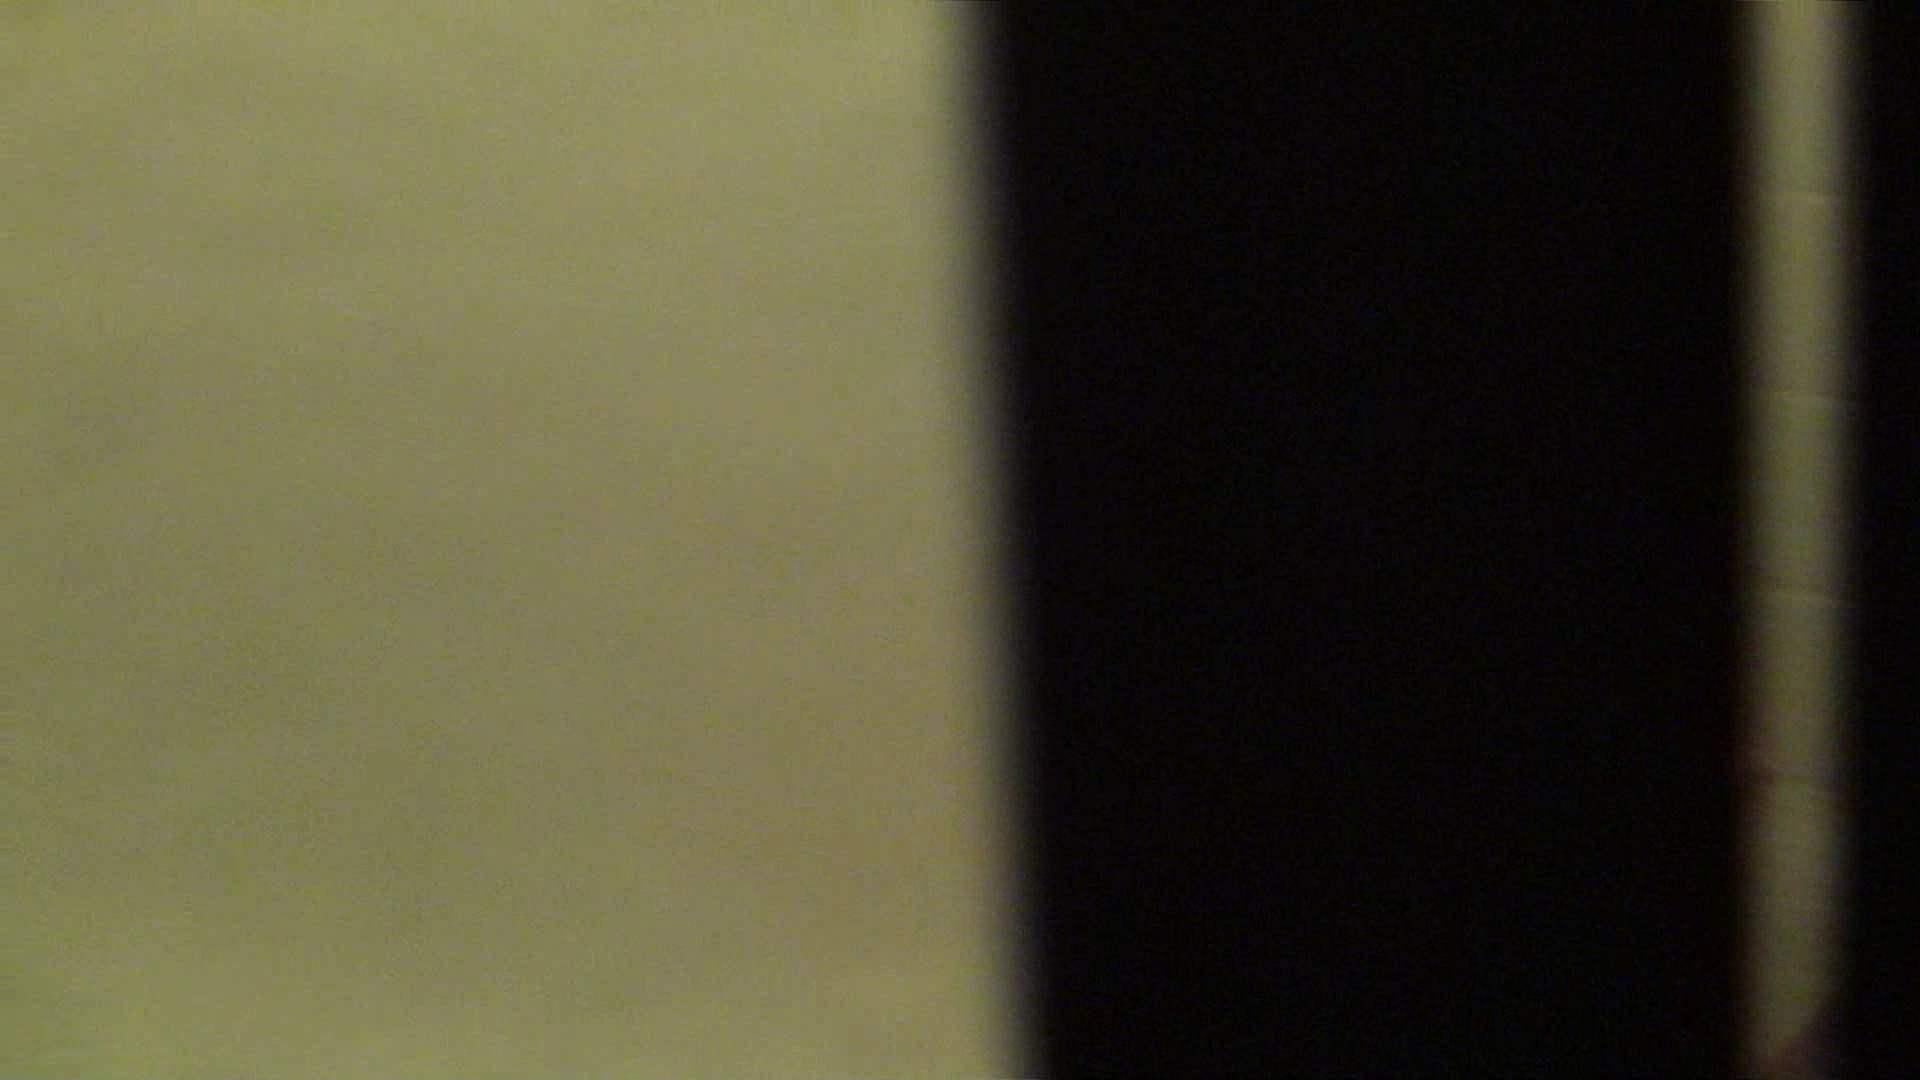 vol.02超可愛すぎる彼女の裸体をハイビジョンで!至近距離での眺め最高! 覗き エロ画像 54pic 19